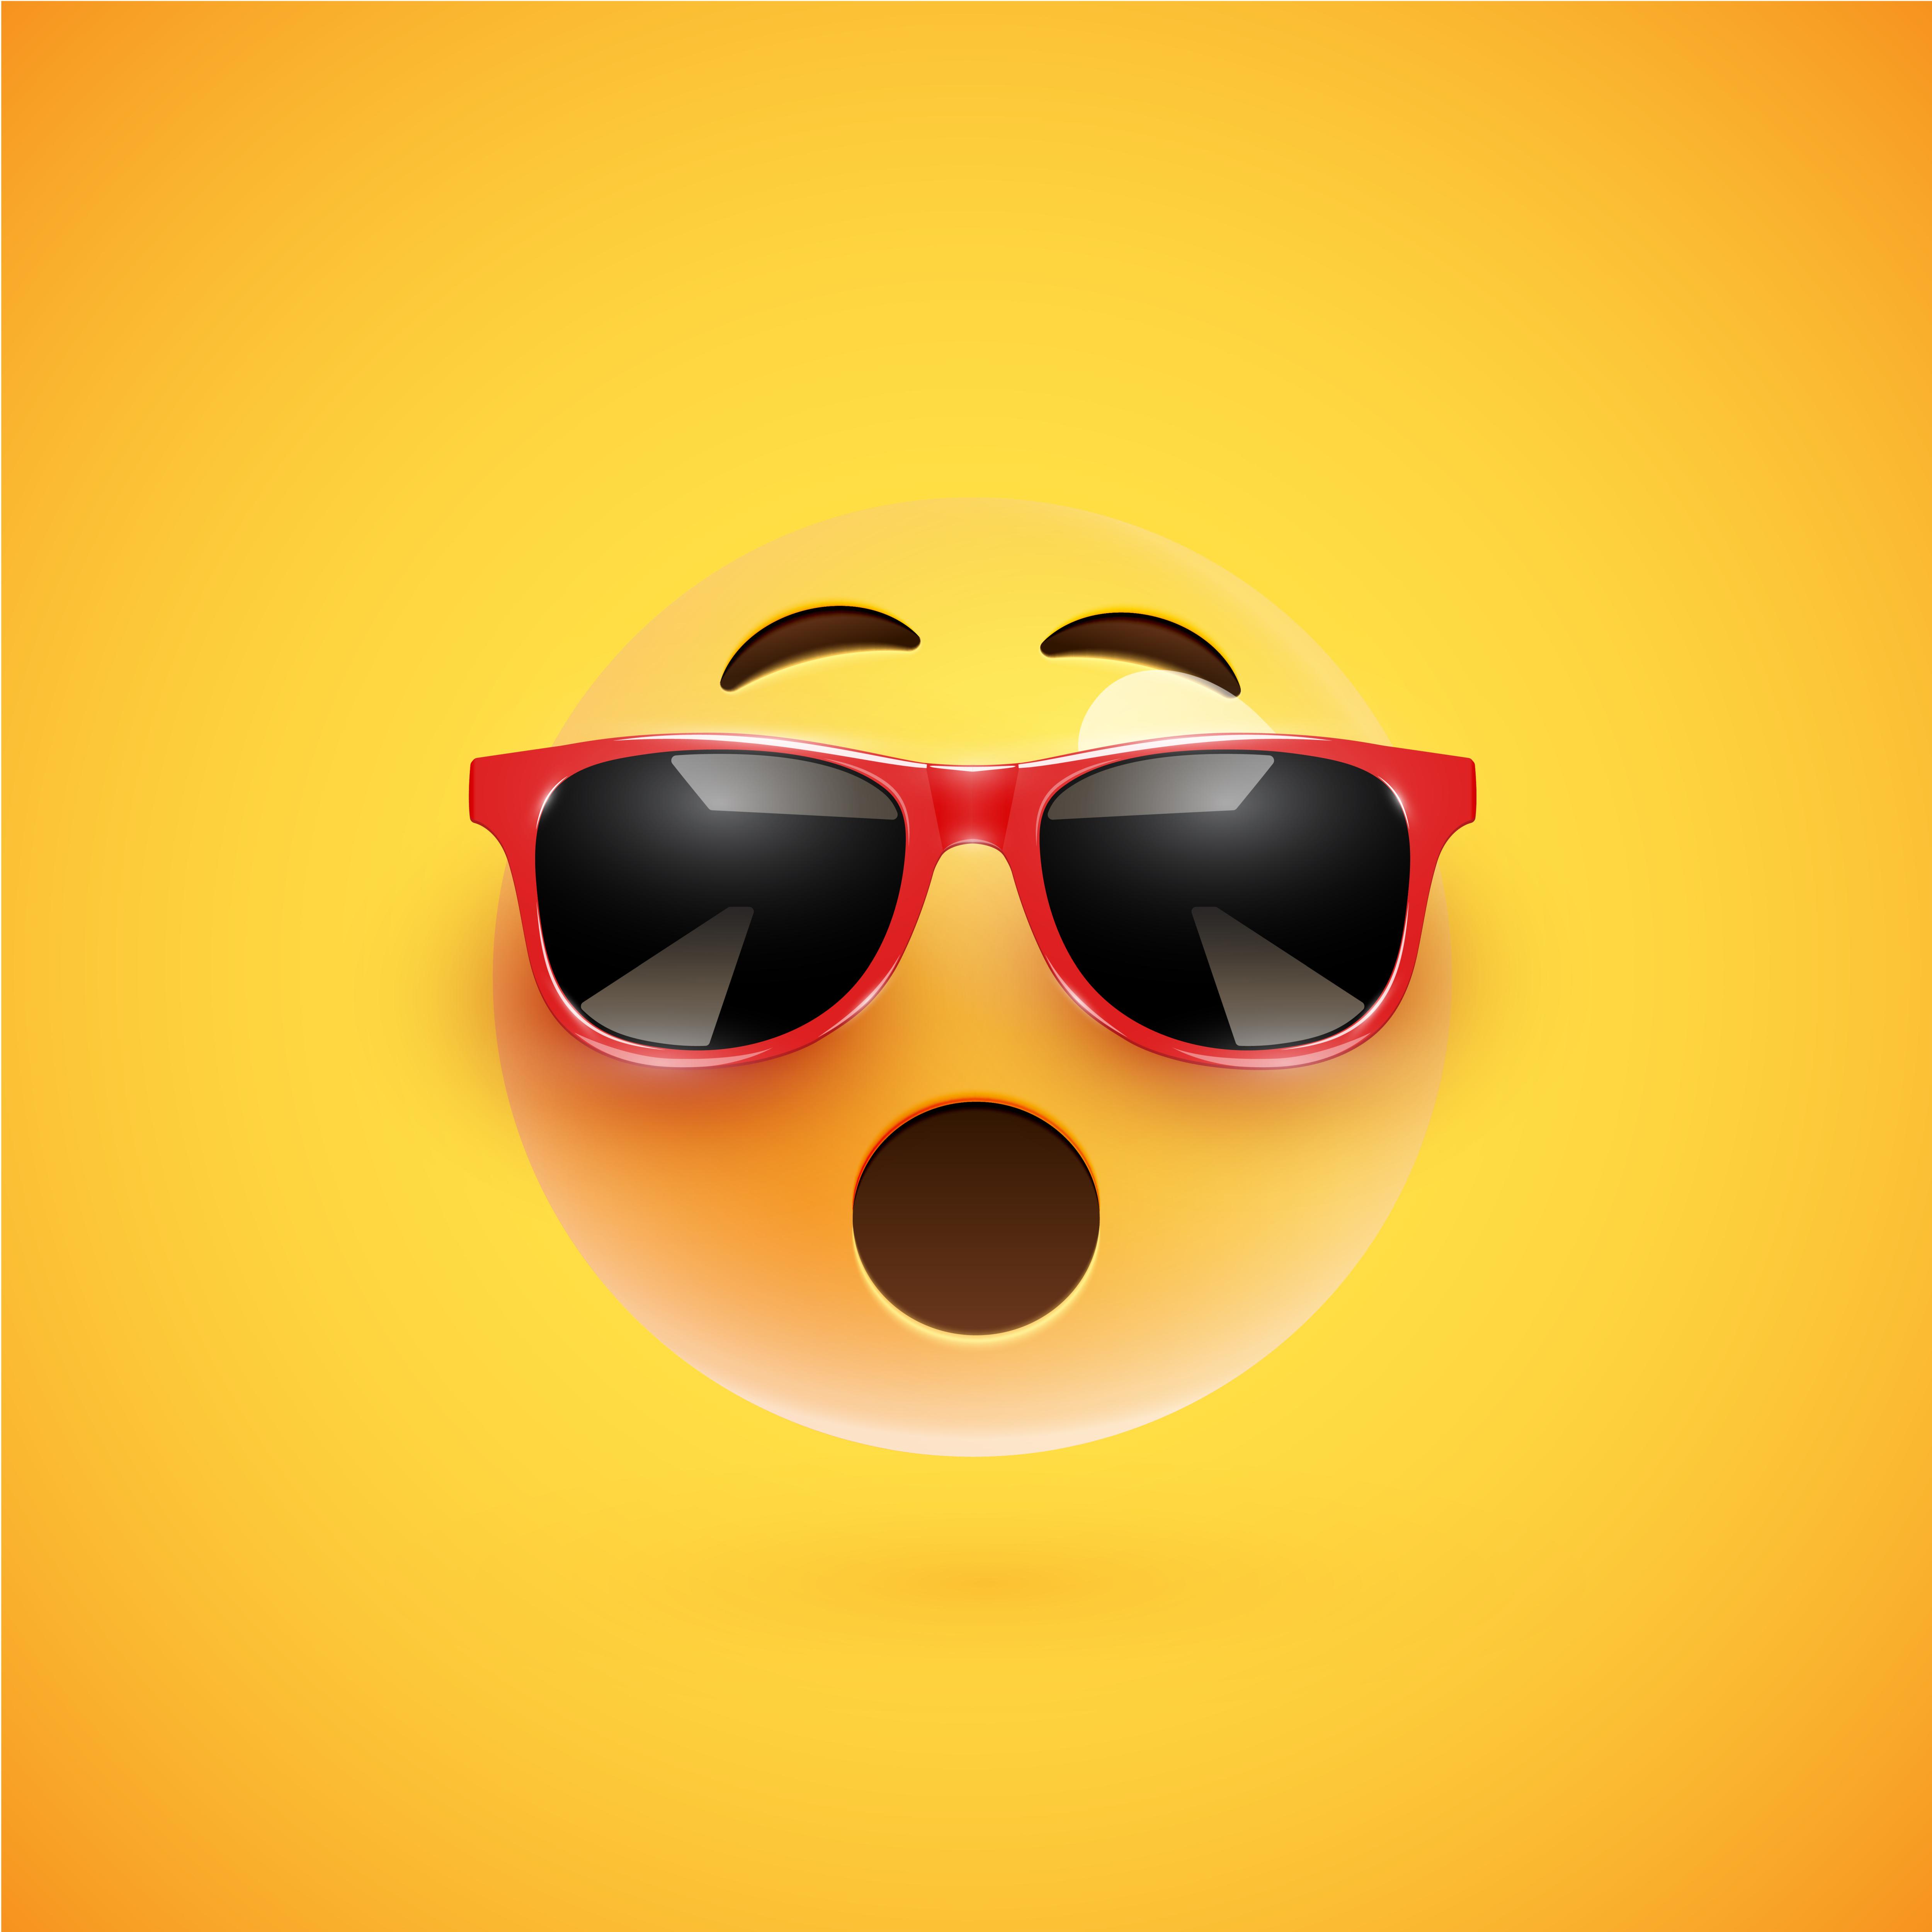 hoch ausf hrlicher smiley 3d mit sonnenbrille auf einem bunten hintergrund vektorillustration. Black Bedroom Furniture Sets. Home Design Ideas